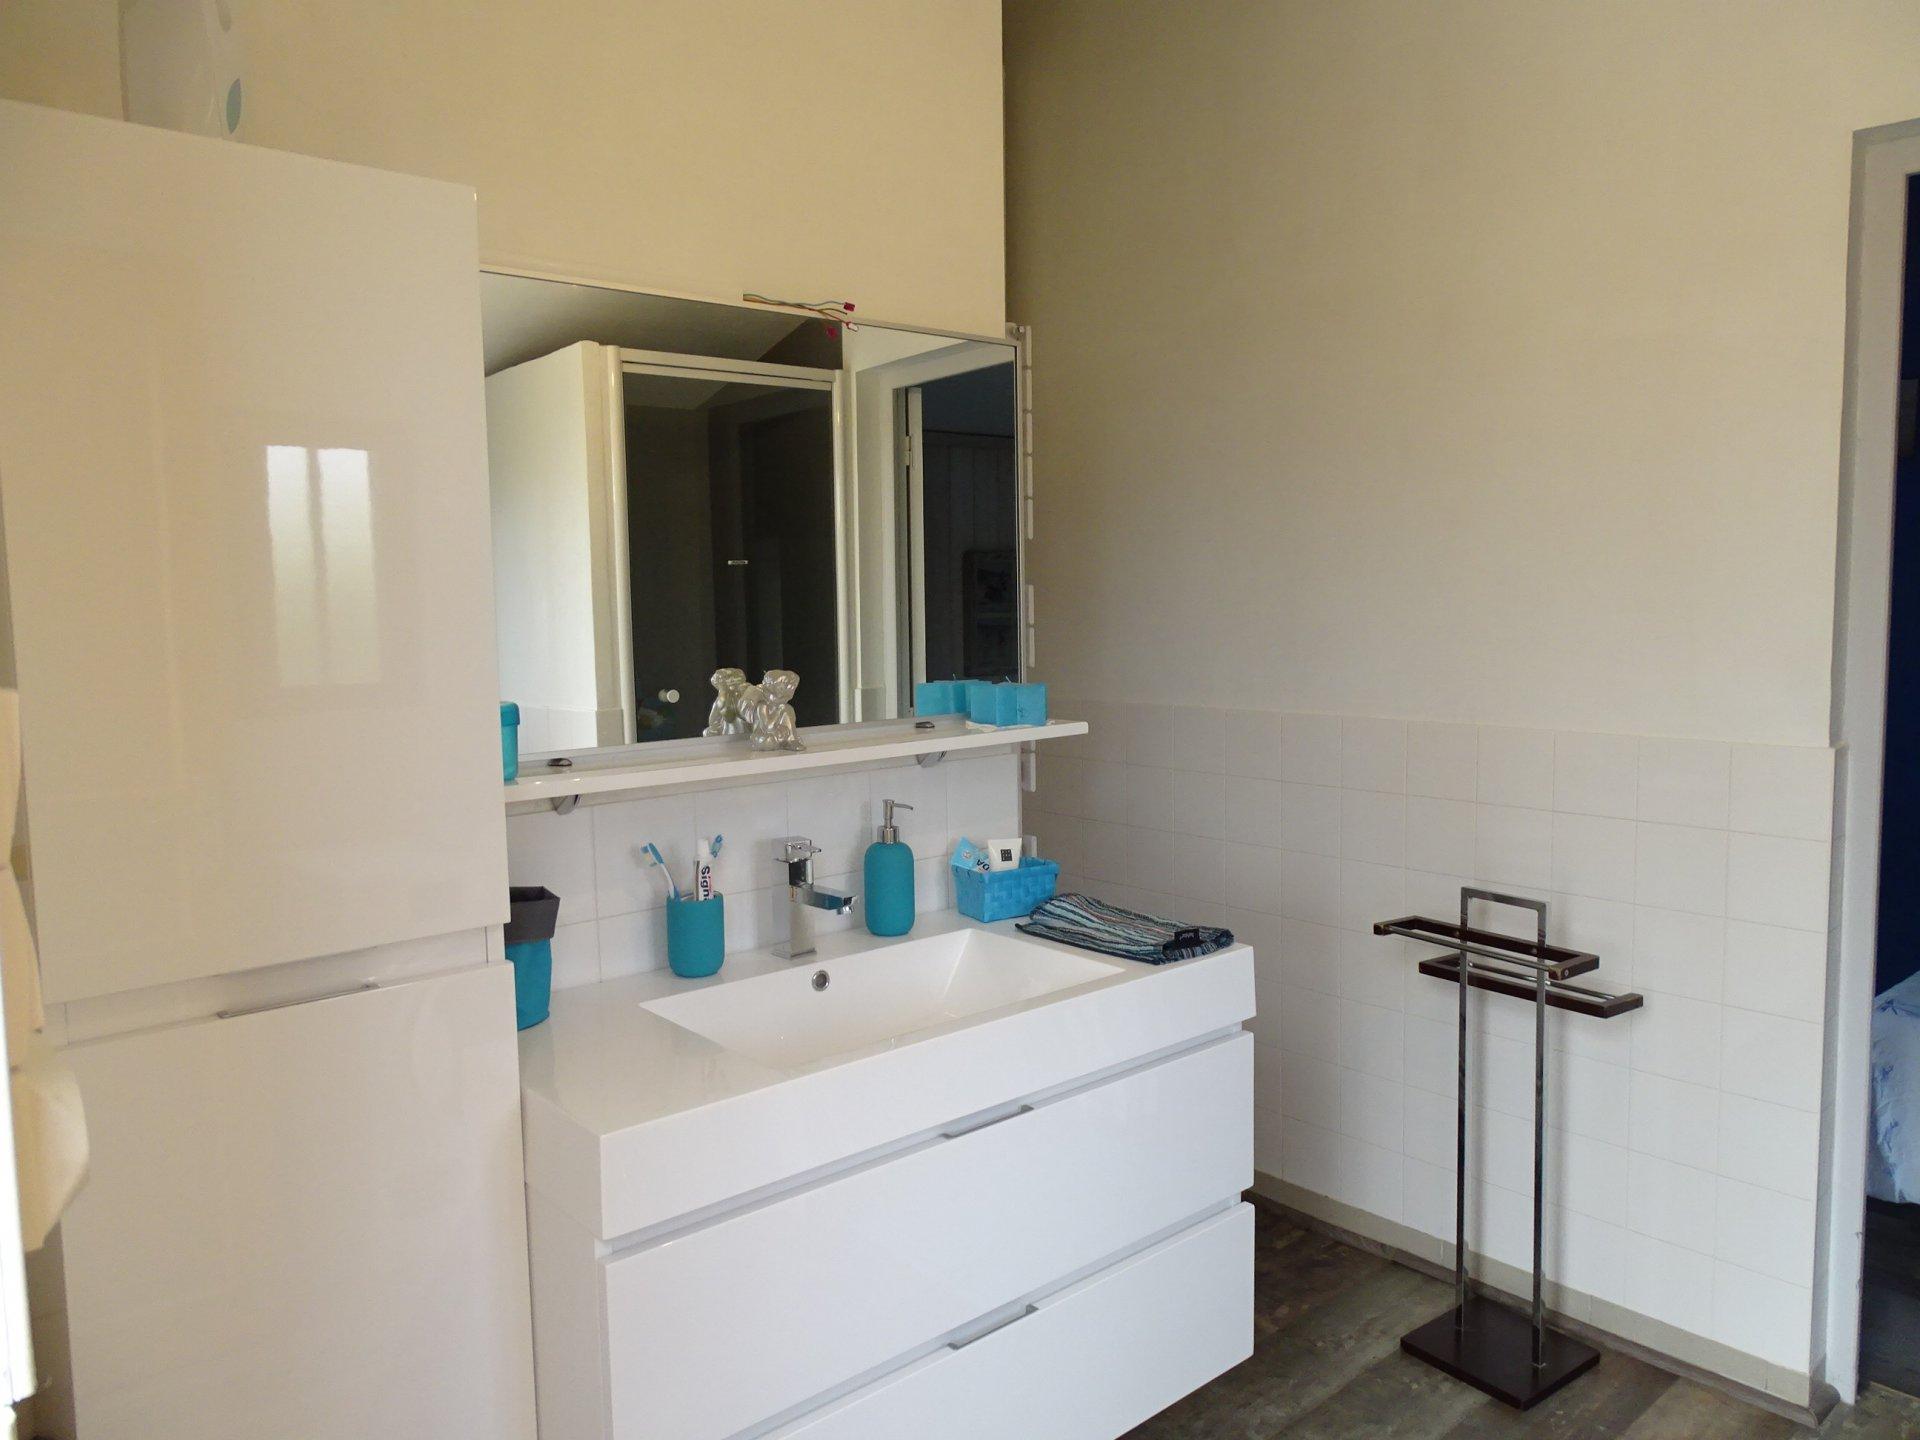 Vinzelles, proche de la gare Loché et à proximité de tous les commerces et commodités, venez découvrir cette belle villa de plain pied en très bon état offrant une surface habitable de 110 m² environ. Cette maison se compose d'une vaste pièce de vie avec cheminée à insert, d'une cuisine meublée et équipée, d'une véranda avec climatisation réversible, de deux chambres, d'une salle de bains, d'une salle d'eau, de deux toilettes, d'une chaufferie, et d'une cave. Un garage double complète ce bien permettant de créer une chambre supplémentaire. Cette maison aux nombreux atouts et très bien entretenue est implantée sur un terrain clos et arboré de 1000 m². A visiter sans tarder. Honoraires à la charge du vendeur